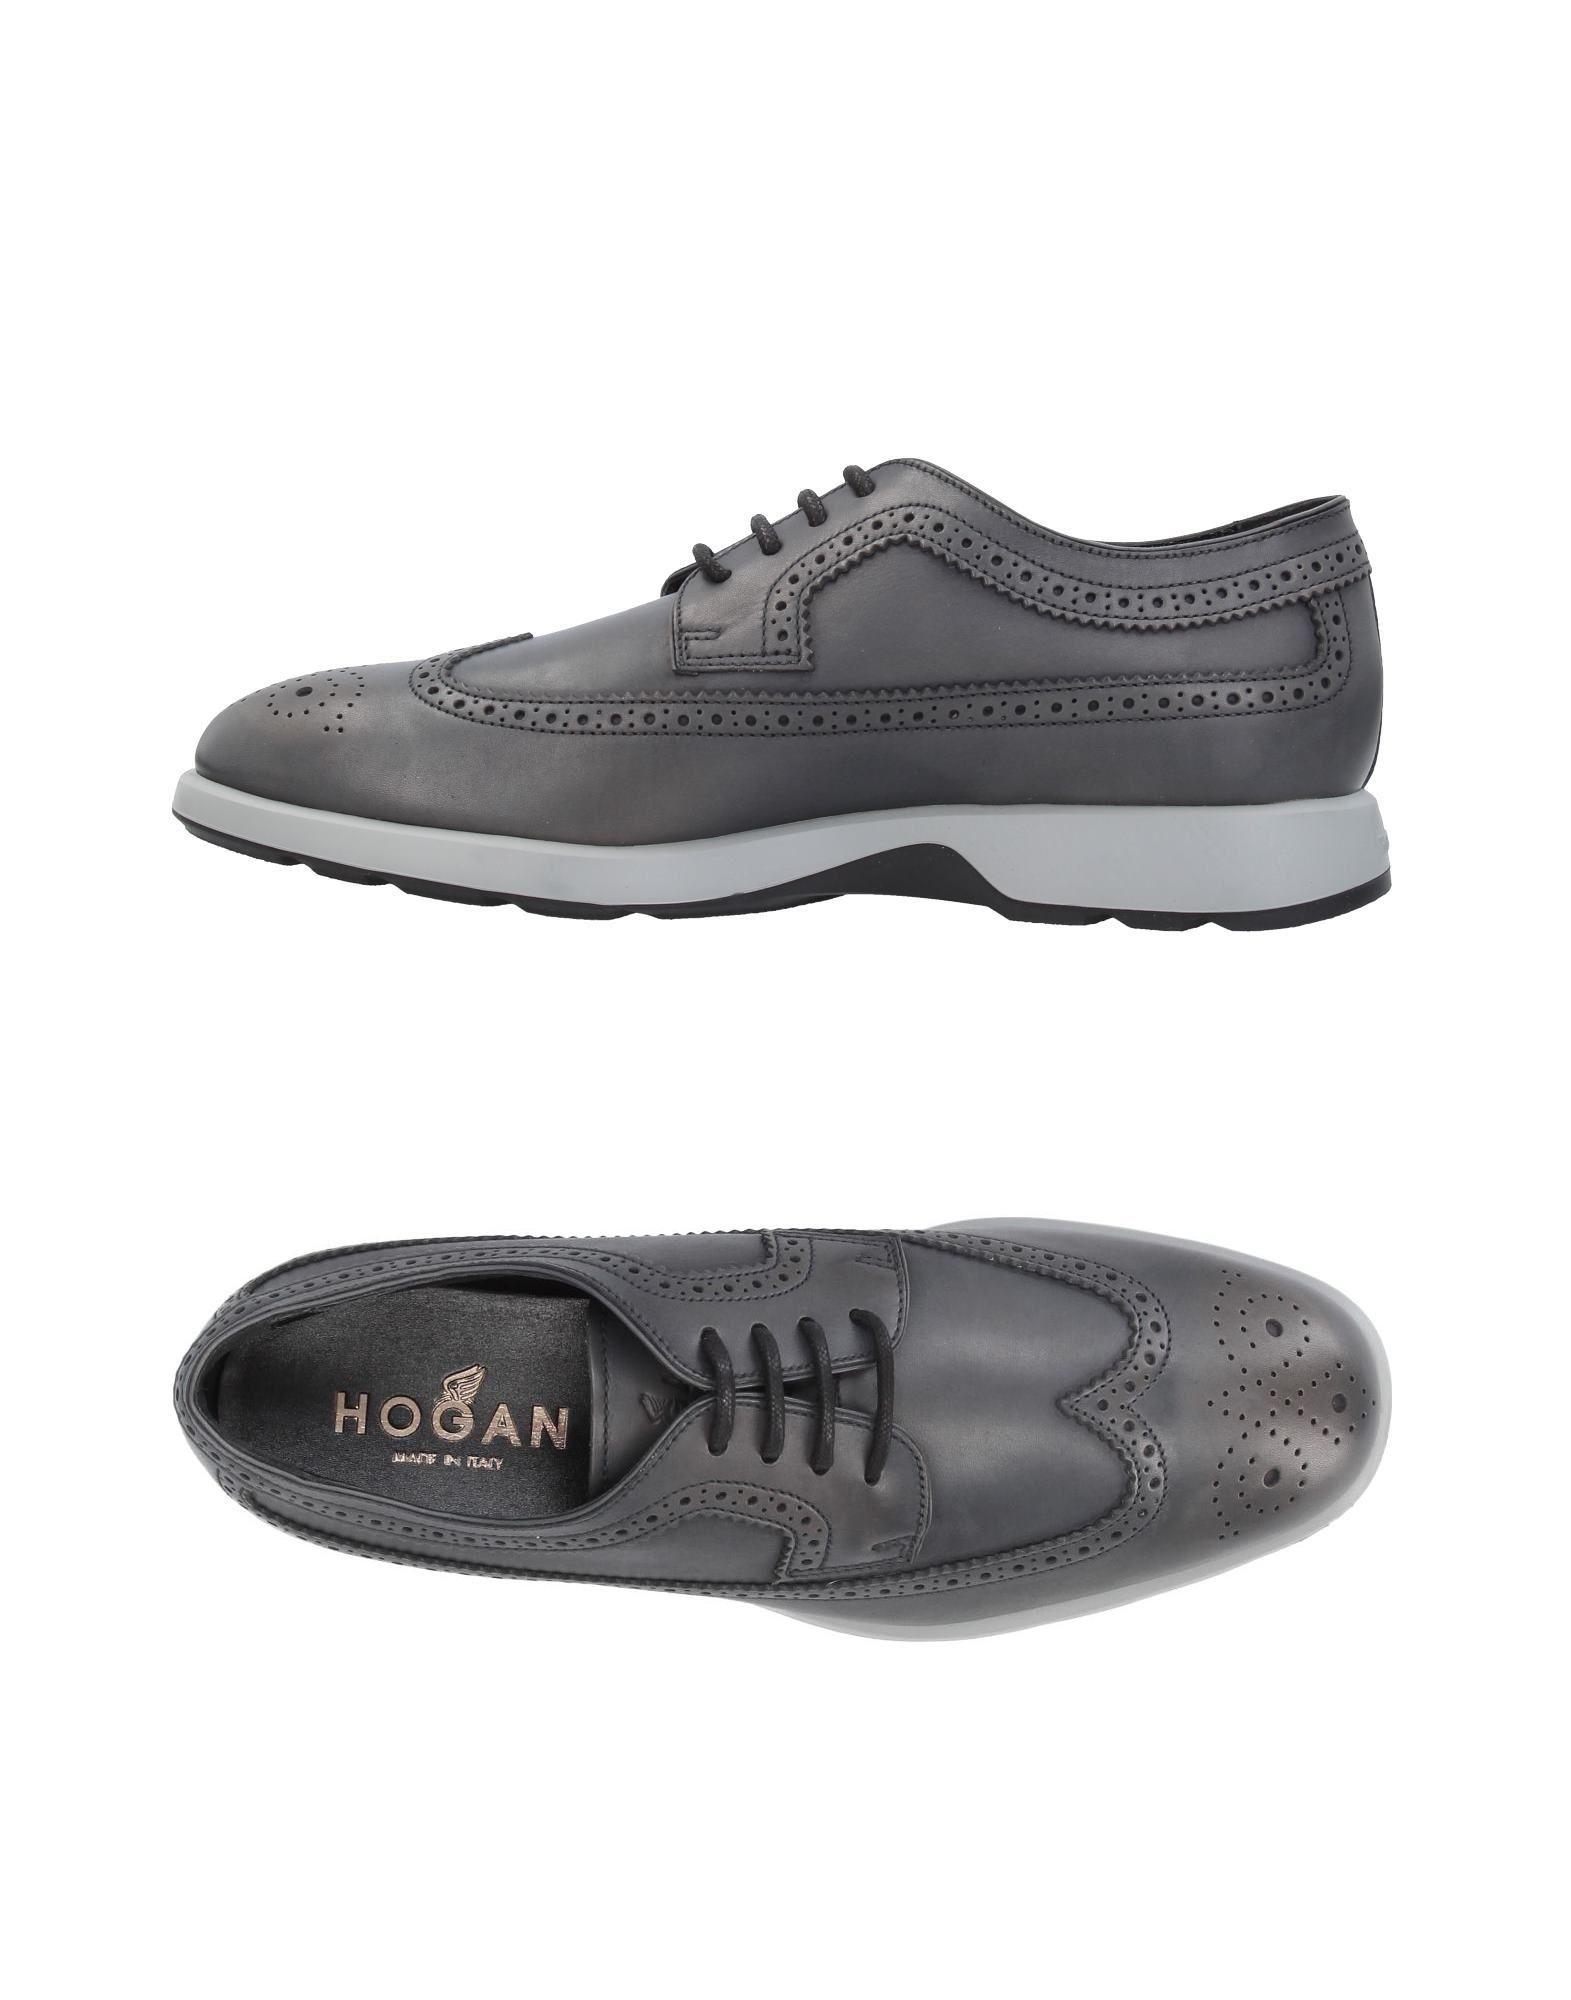 Hogan Schnürschuhe Herren  11396952JS Gute Qualität beliebte Schuhe